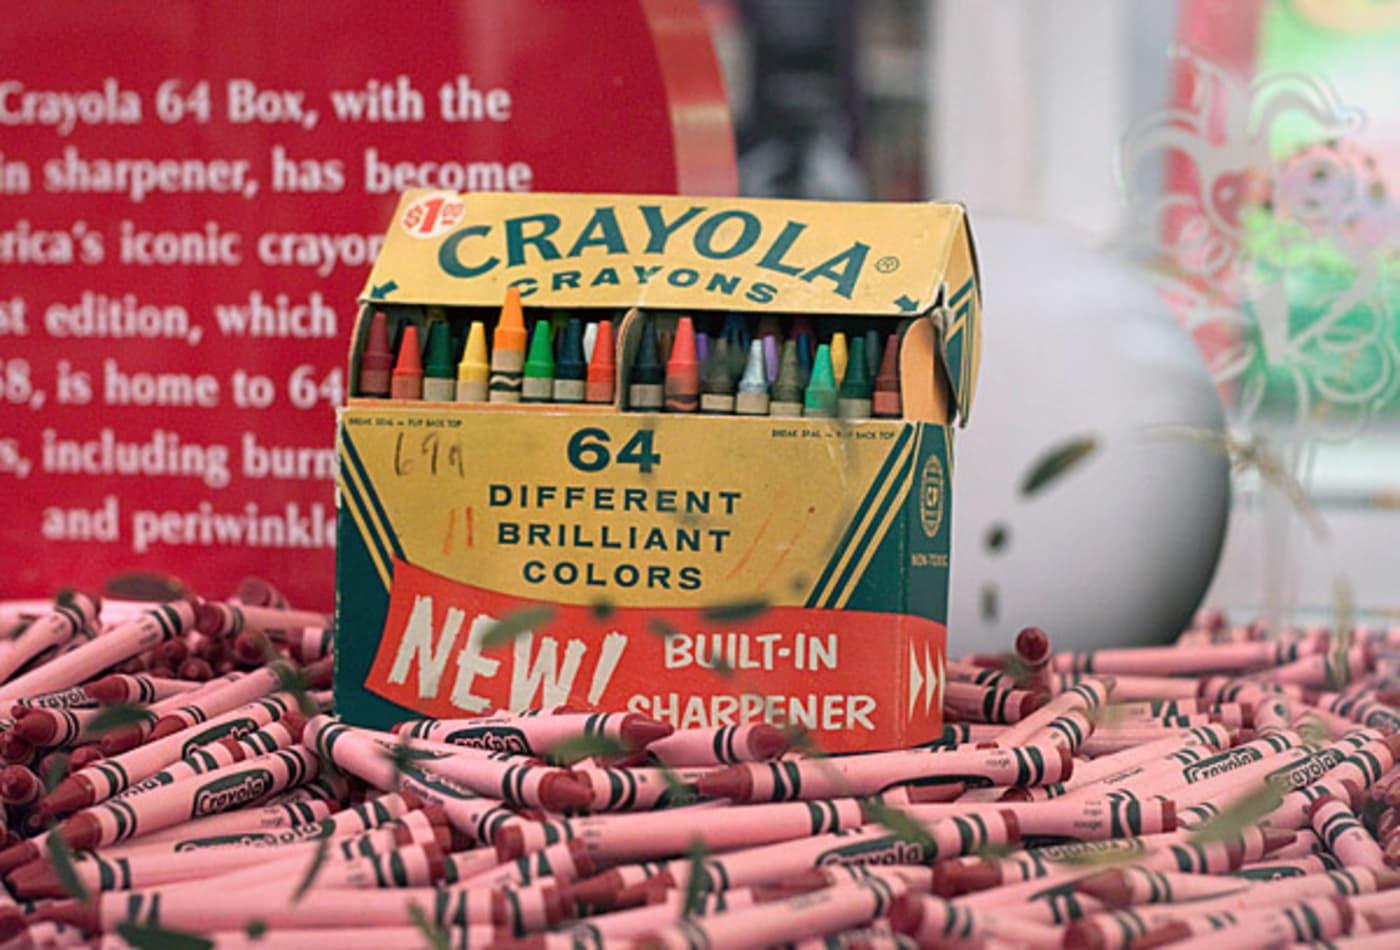 CNBC-FAO-toys-Crayola.jpg